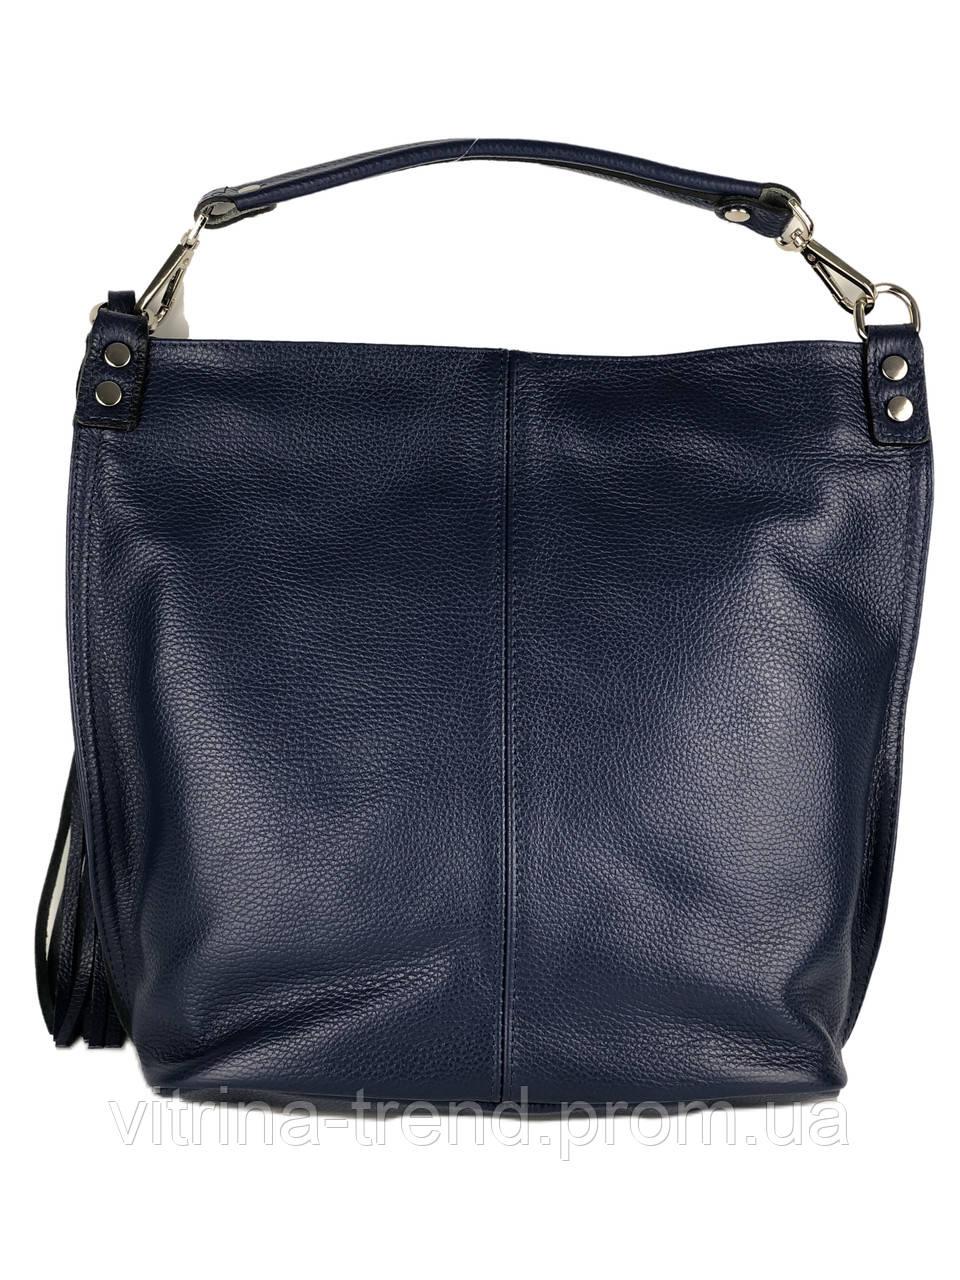 488ca90cee84 Женская сумка недорого натуральная кожа Италия, цена 1 377,50 грн ...